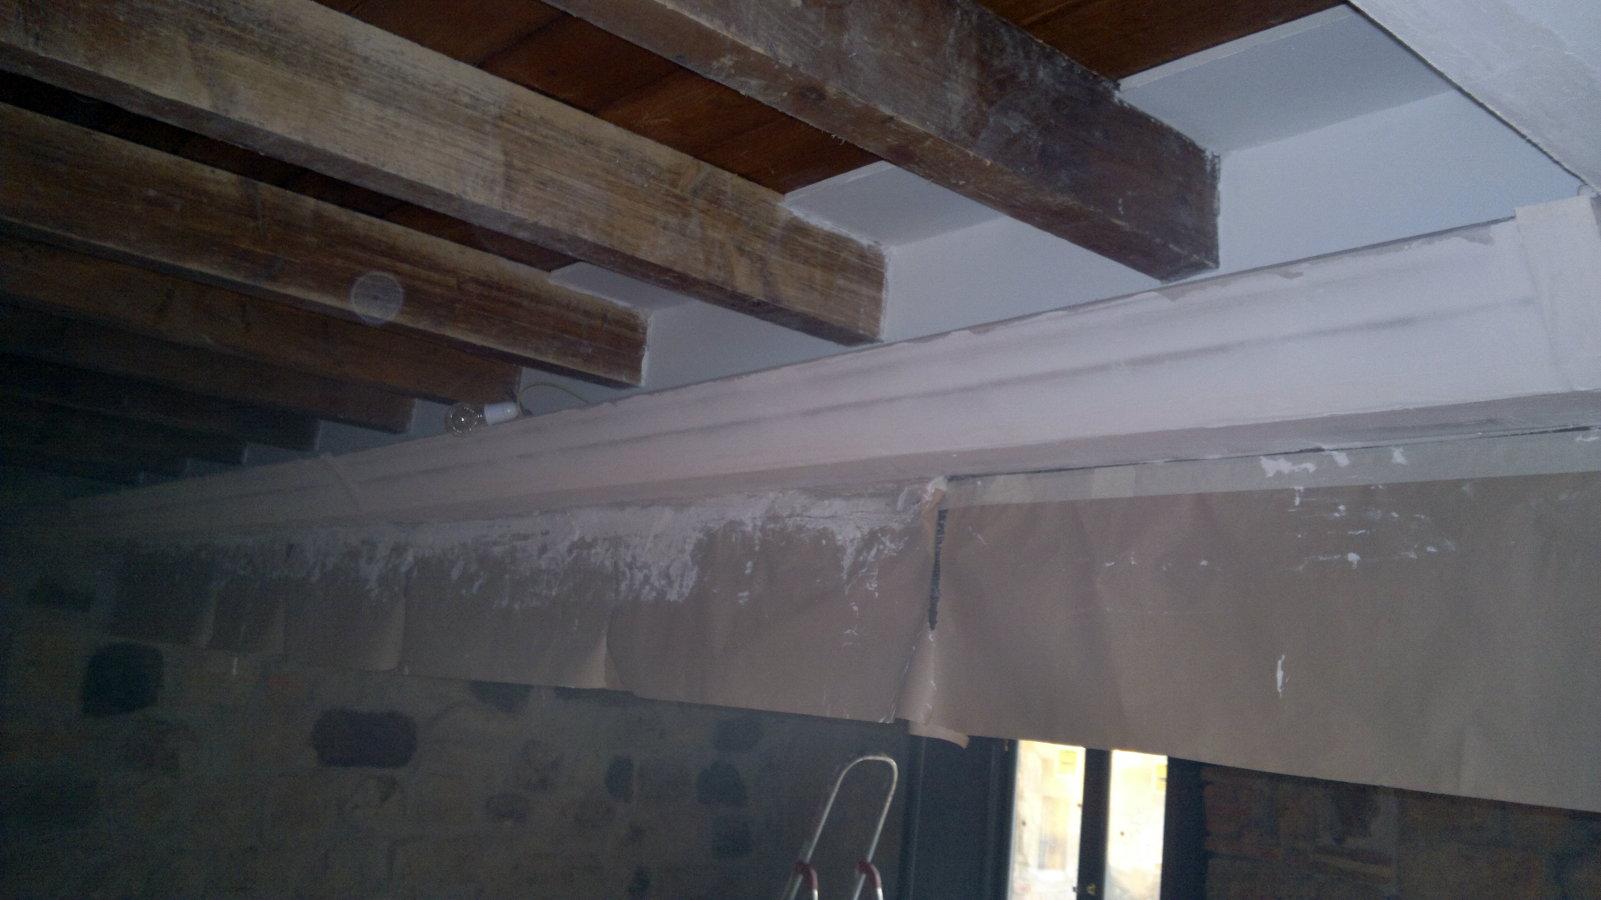 Foto tapar vigas de madera con pladur de busti valper - Fotos de techos de pladur ...